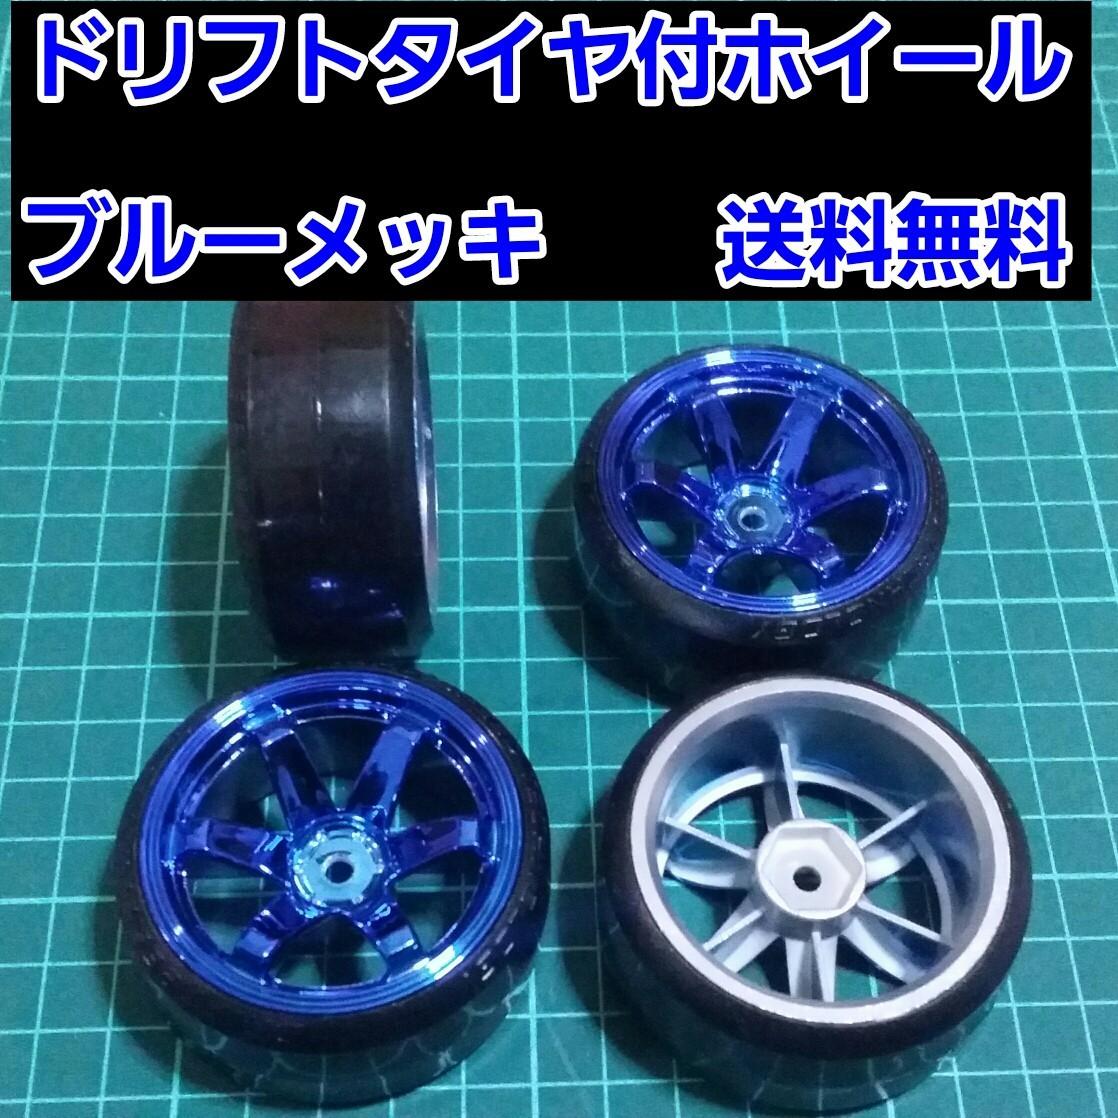 ドリフト タイヤ ホイール ブルーメッキ ラジコン TT01 TT02 ドリパケ